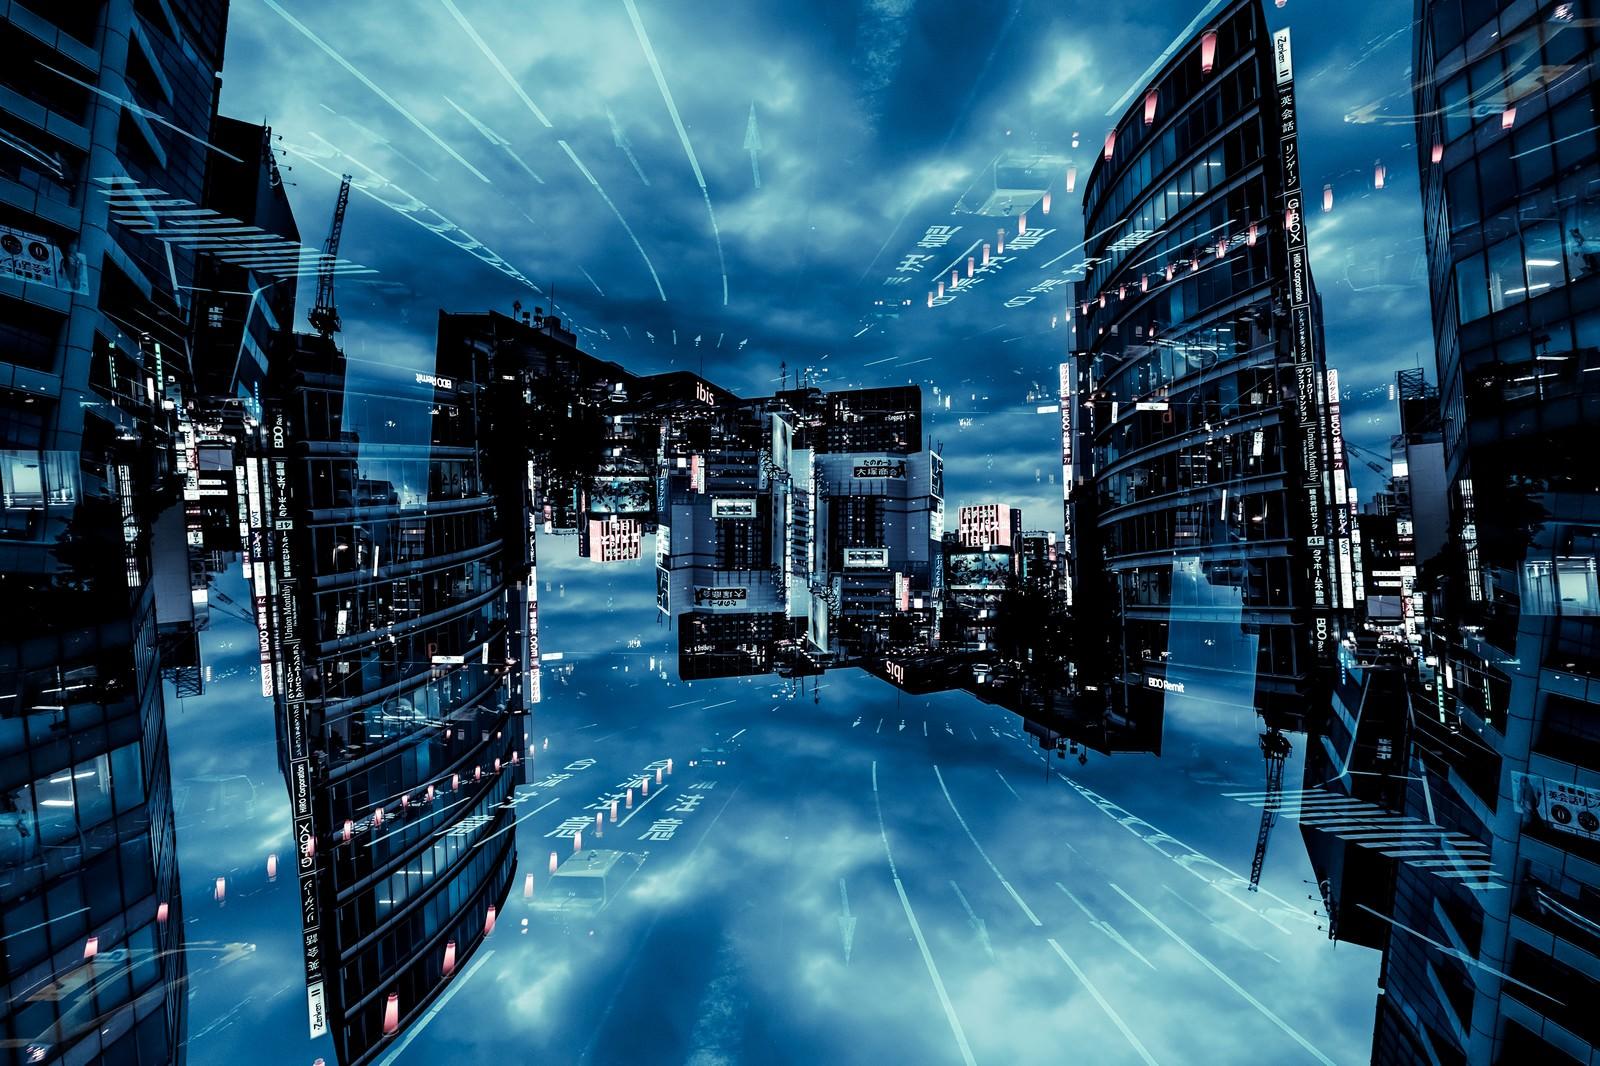 「仮想化都市(フォトモンタージュ)仮想化都市(フォトモンタージュ)」のフリー写真素材を拡大